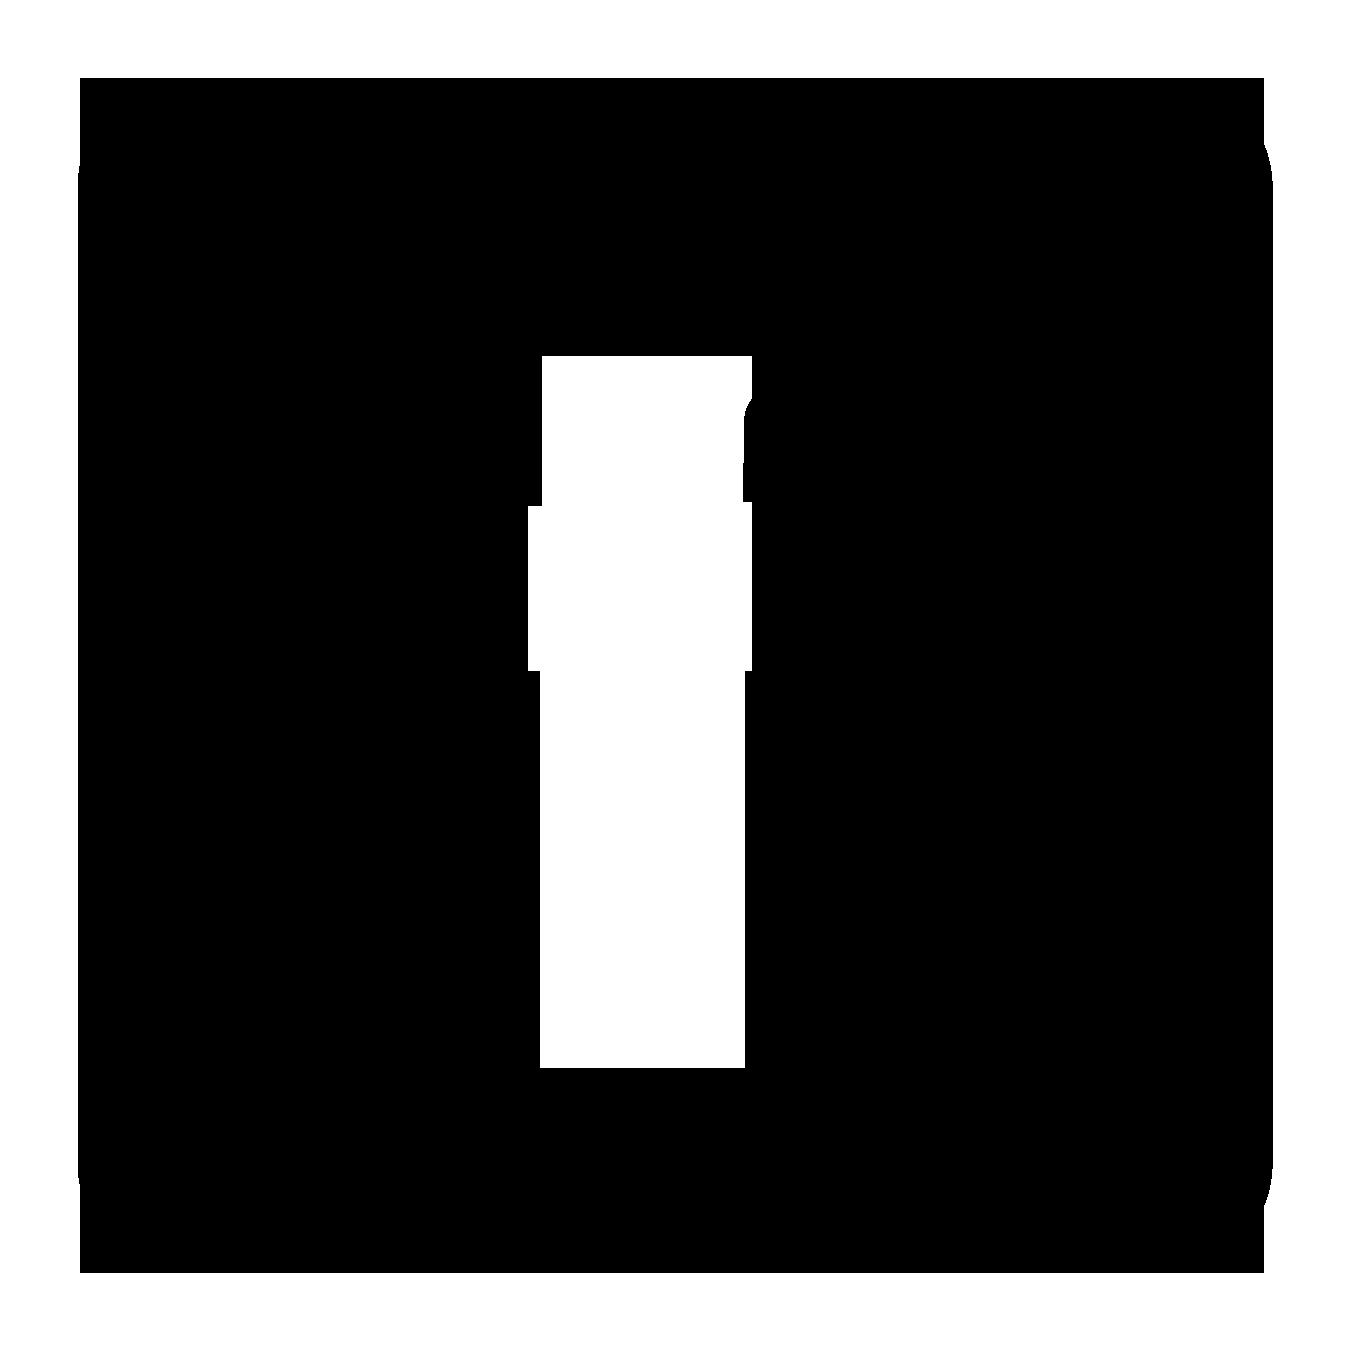 Resultado de imagen de logo facebook vector   Vector, Iconos, Siluetas